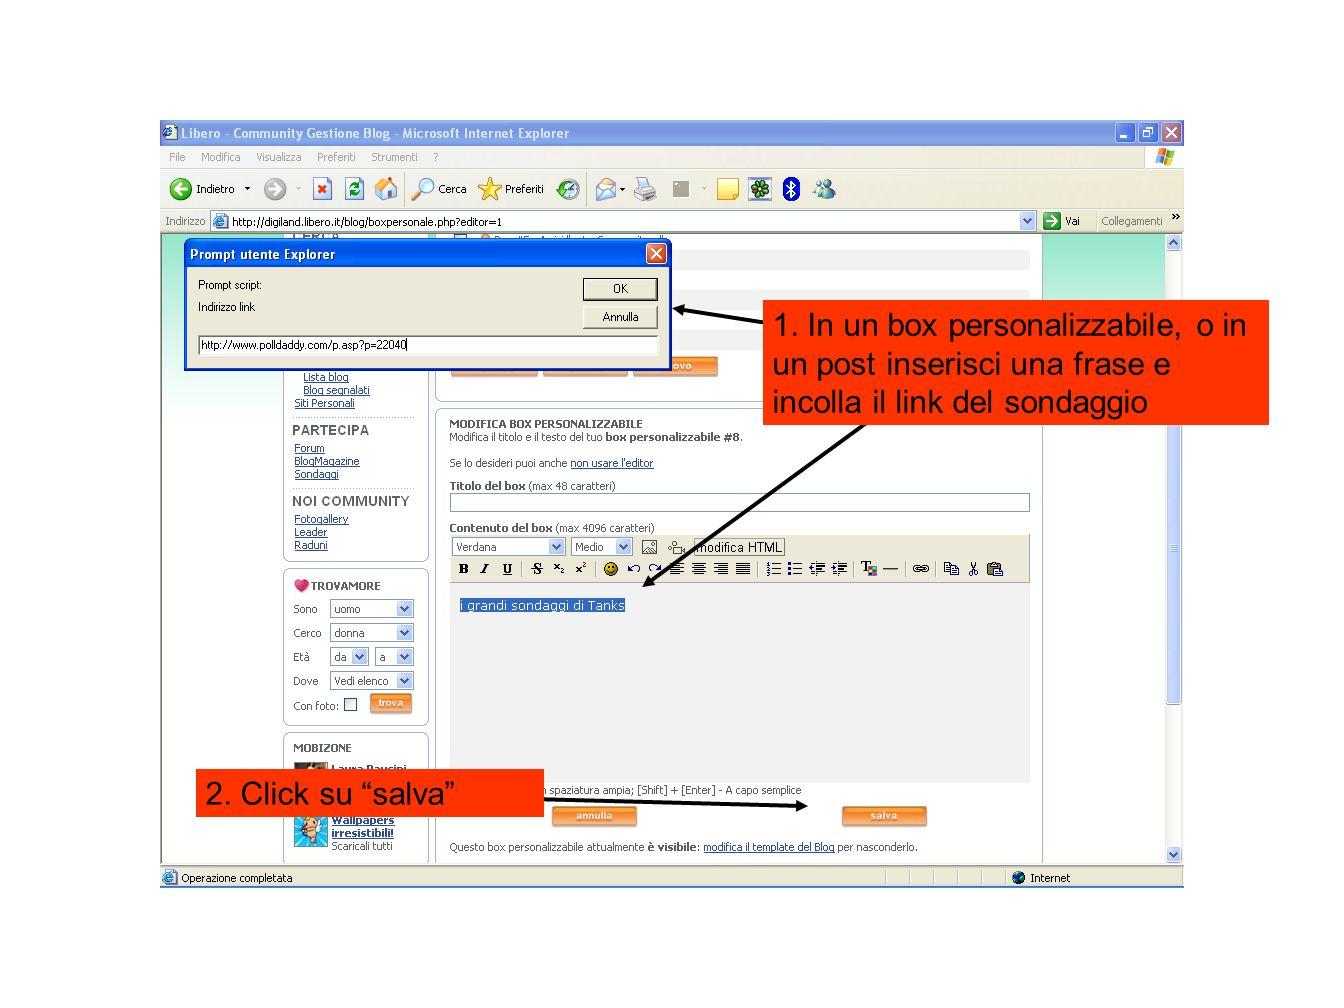 2. Click su salva 1. In un box personalizzabile, o in un post inserisci una frase e incolla il link del sondaggio